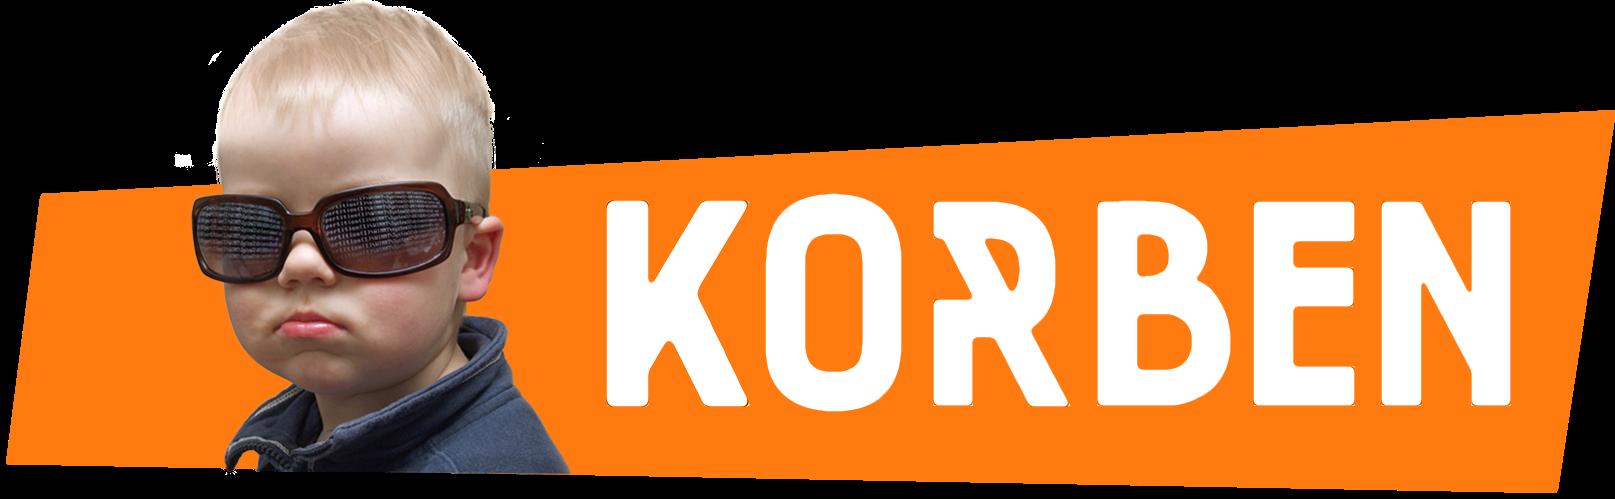 Les formations de KORBEN